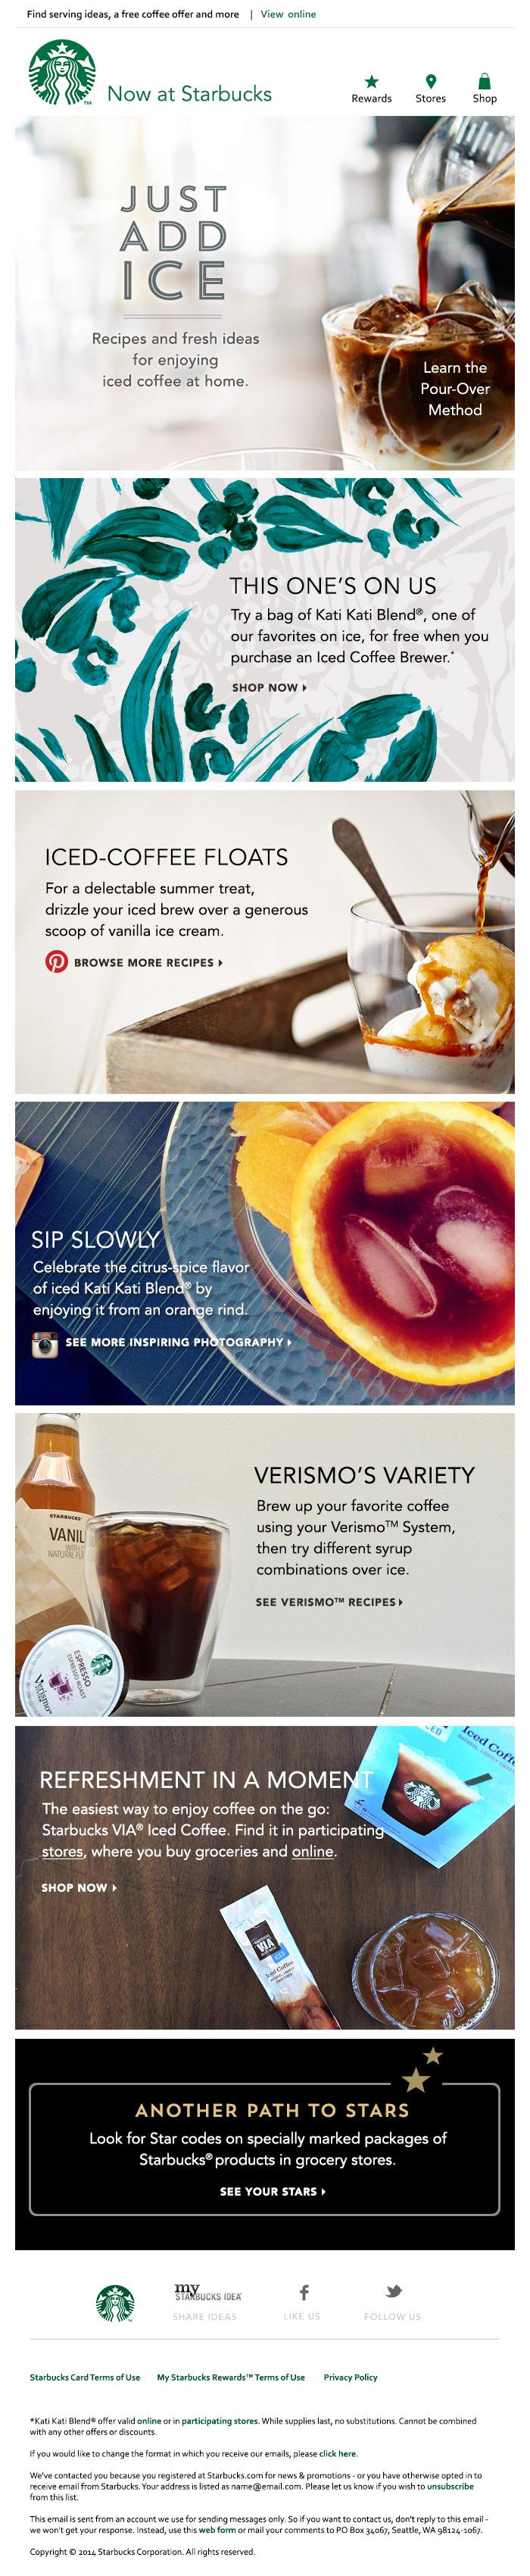 HubSpot-Starbucks-Newsletter